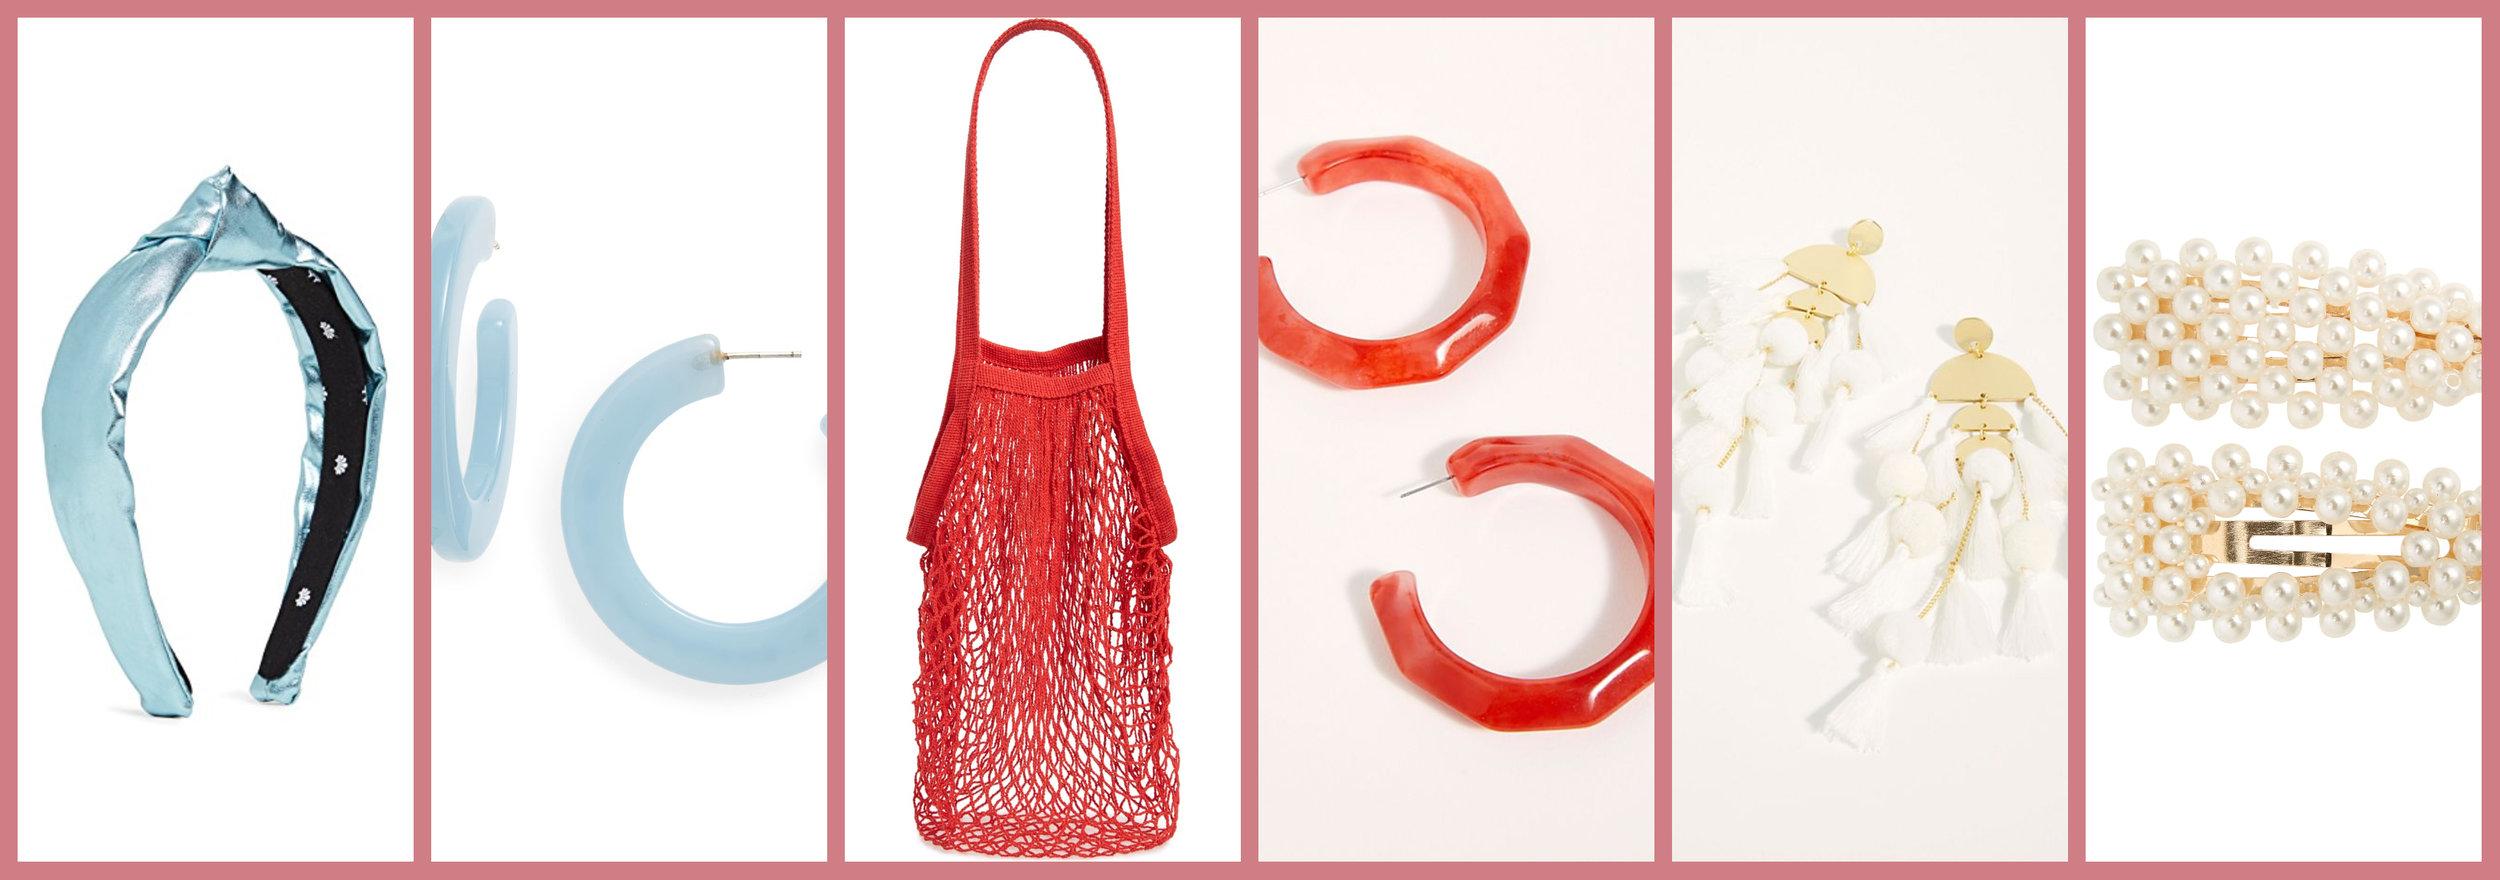 Metallic Headband       Acetate Hoops       Net Tote       Resin Hoops       Tassel Earrings     Pearled Hair Clips